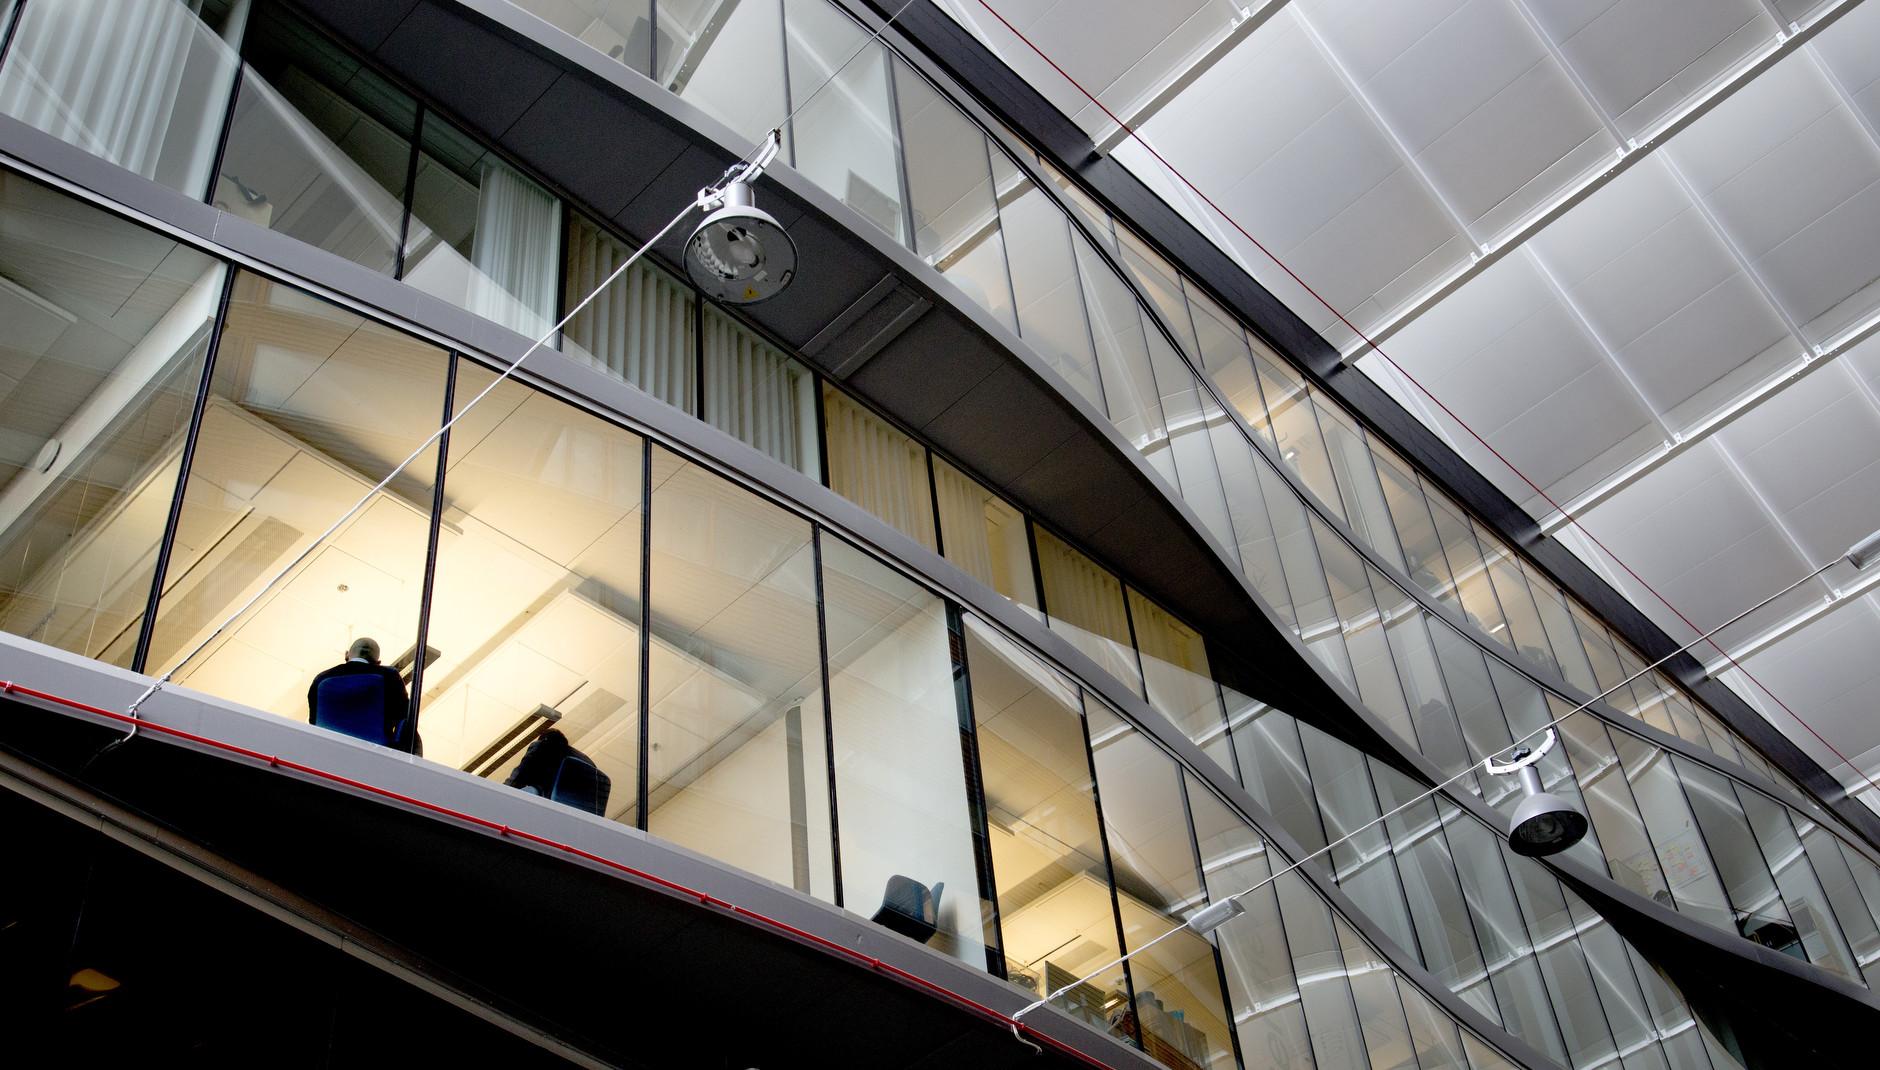 Exteriör av kontorslokal med fönster och siluetter på Lindholmen